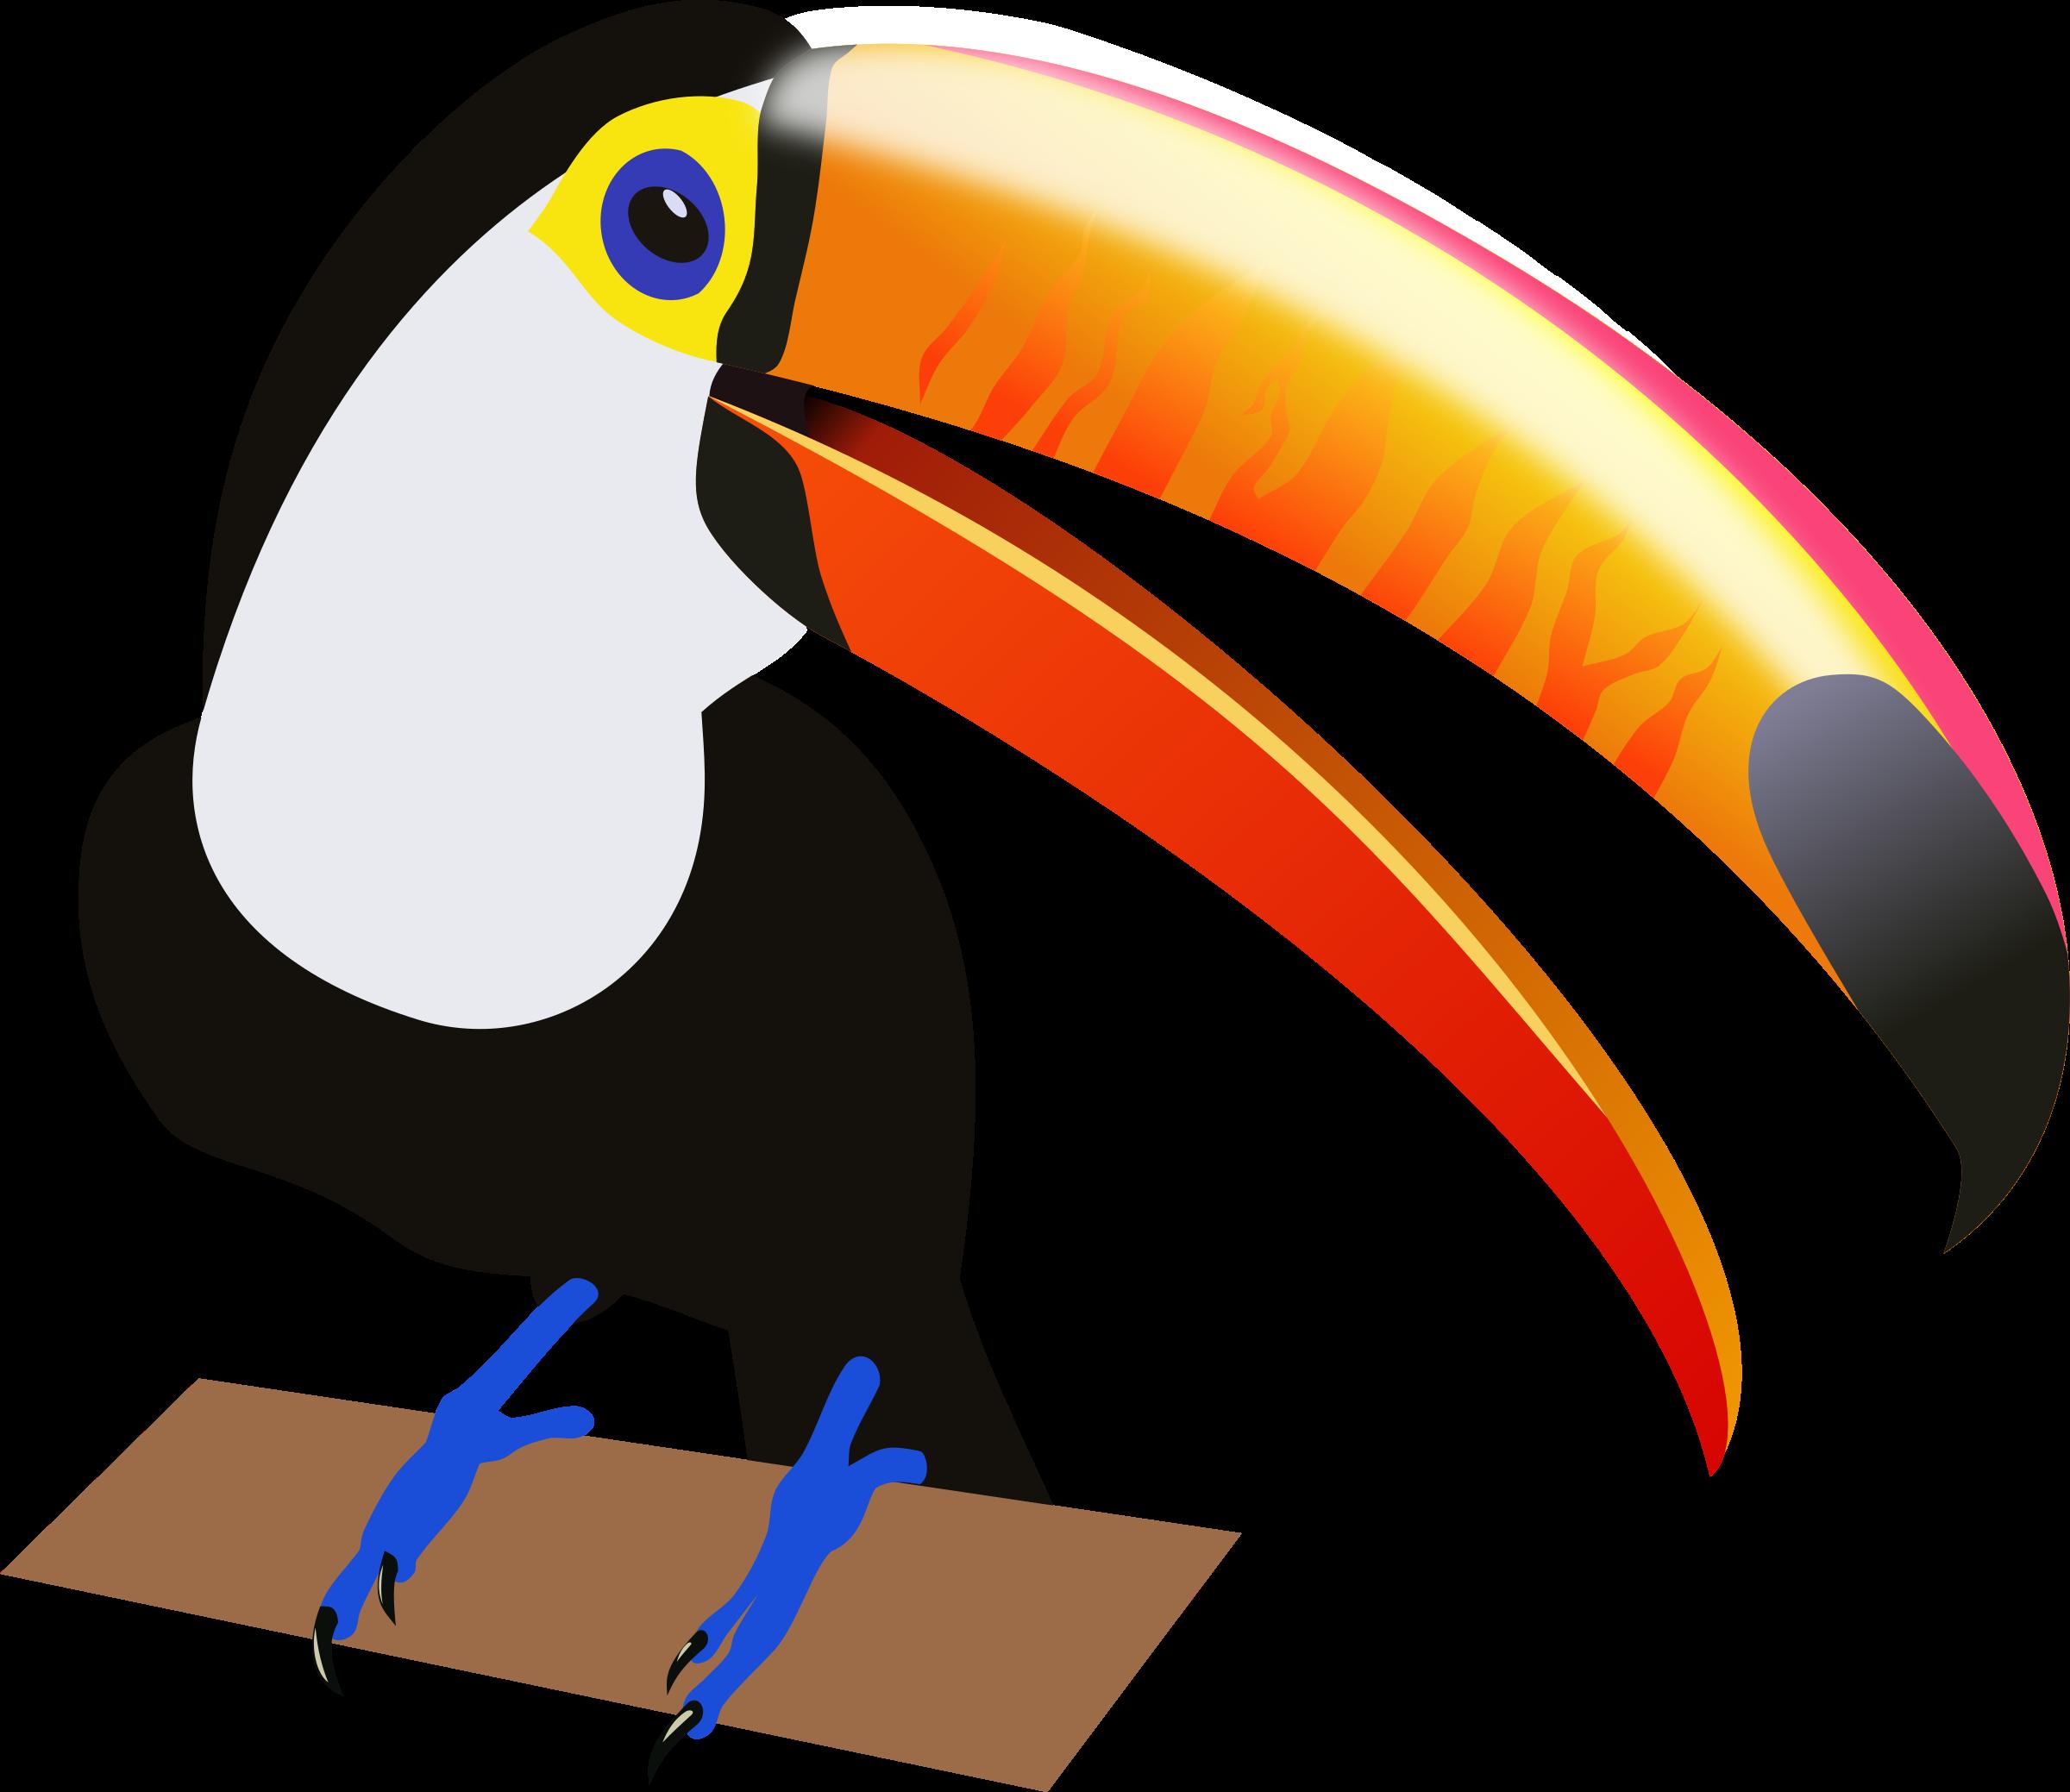 Toucan clipart tropical bird #5